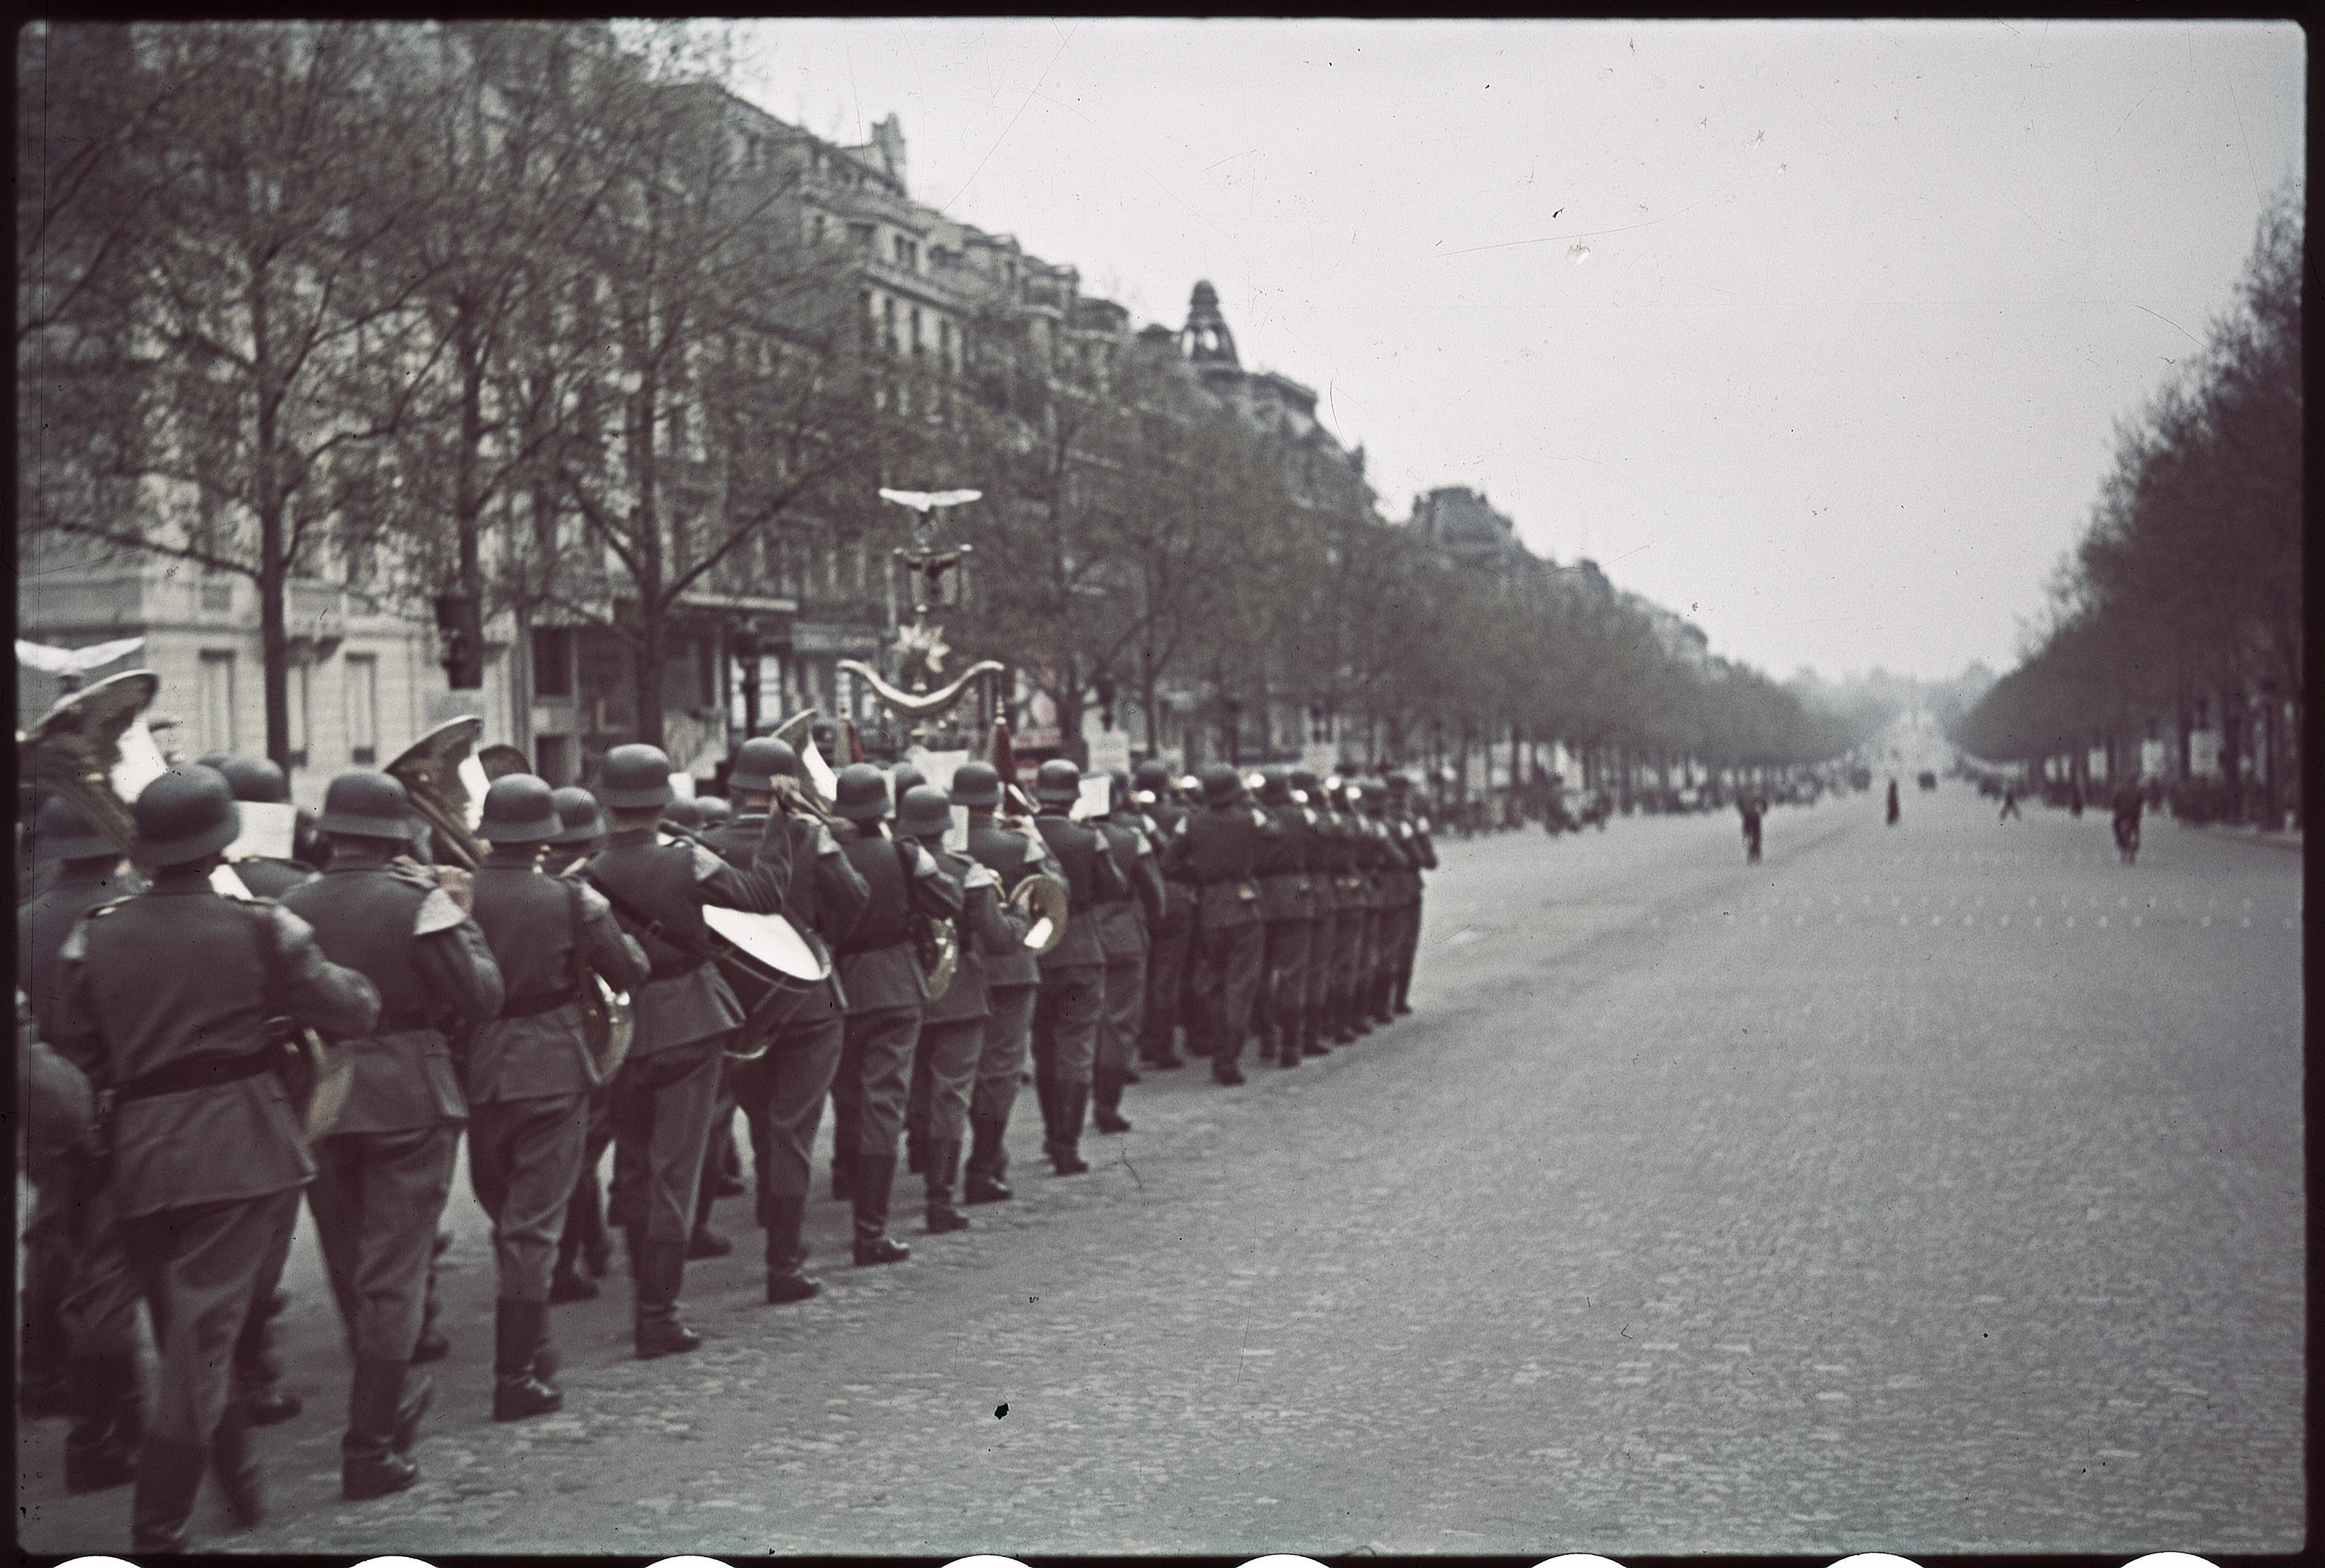 Ежедневный проход по городу немецкой гвардии. В 12.30 выход с проспекта Ваграм, проход через Триумфальную арку, затем спуск по Елисейским полям до площади Согласия